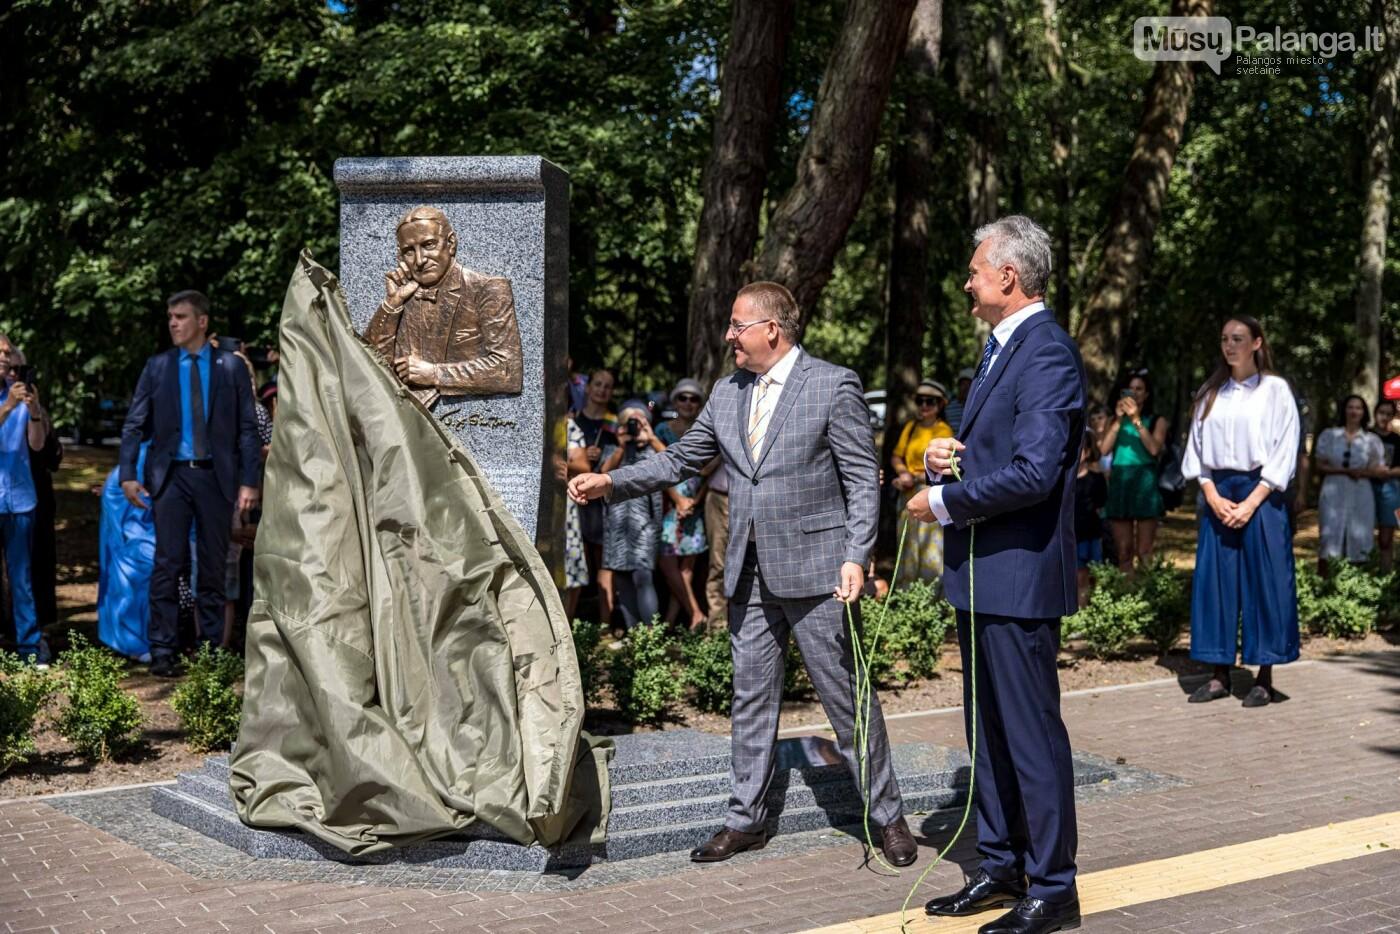 Skulptūros, skirtos Dž. J. Simpsonui ir Derybinei grupei dėl Palangos grąžinimo Lietuvai įamžinti, atidarymas, nuotrauka-27